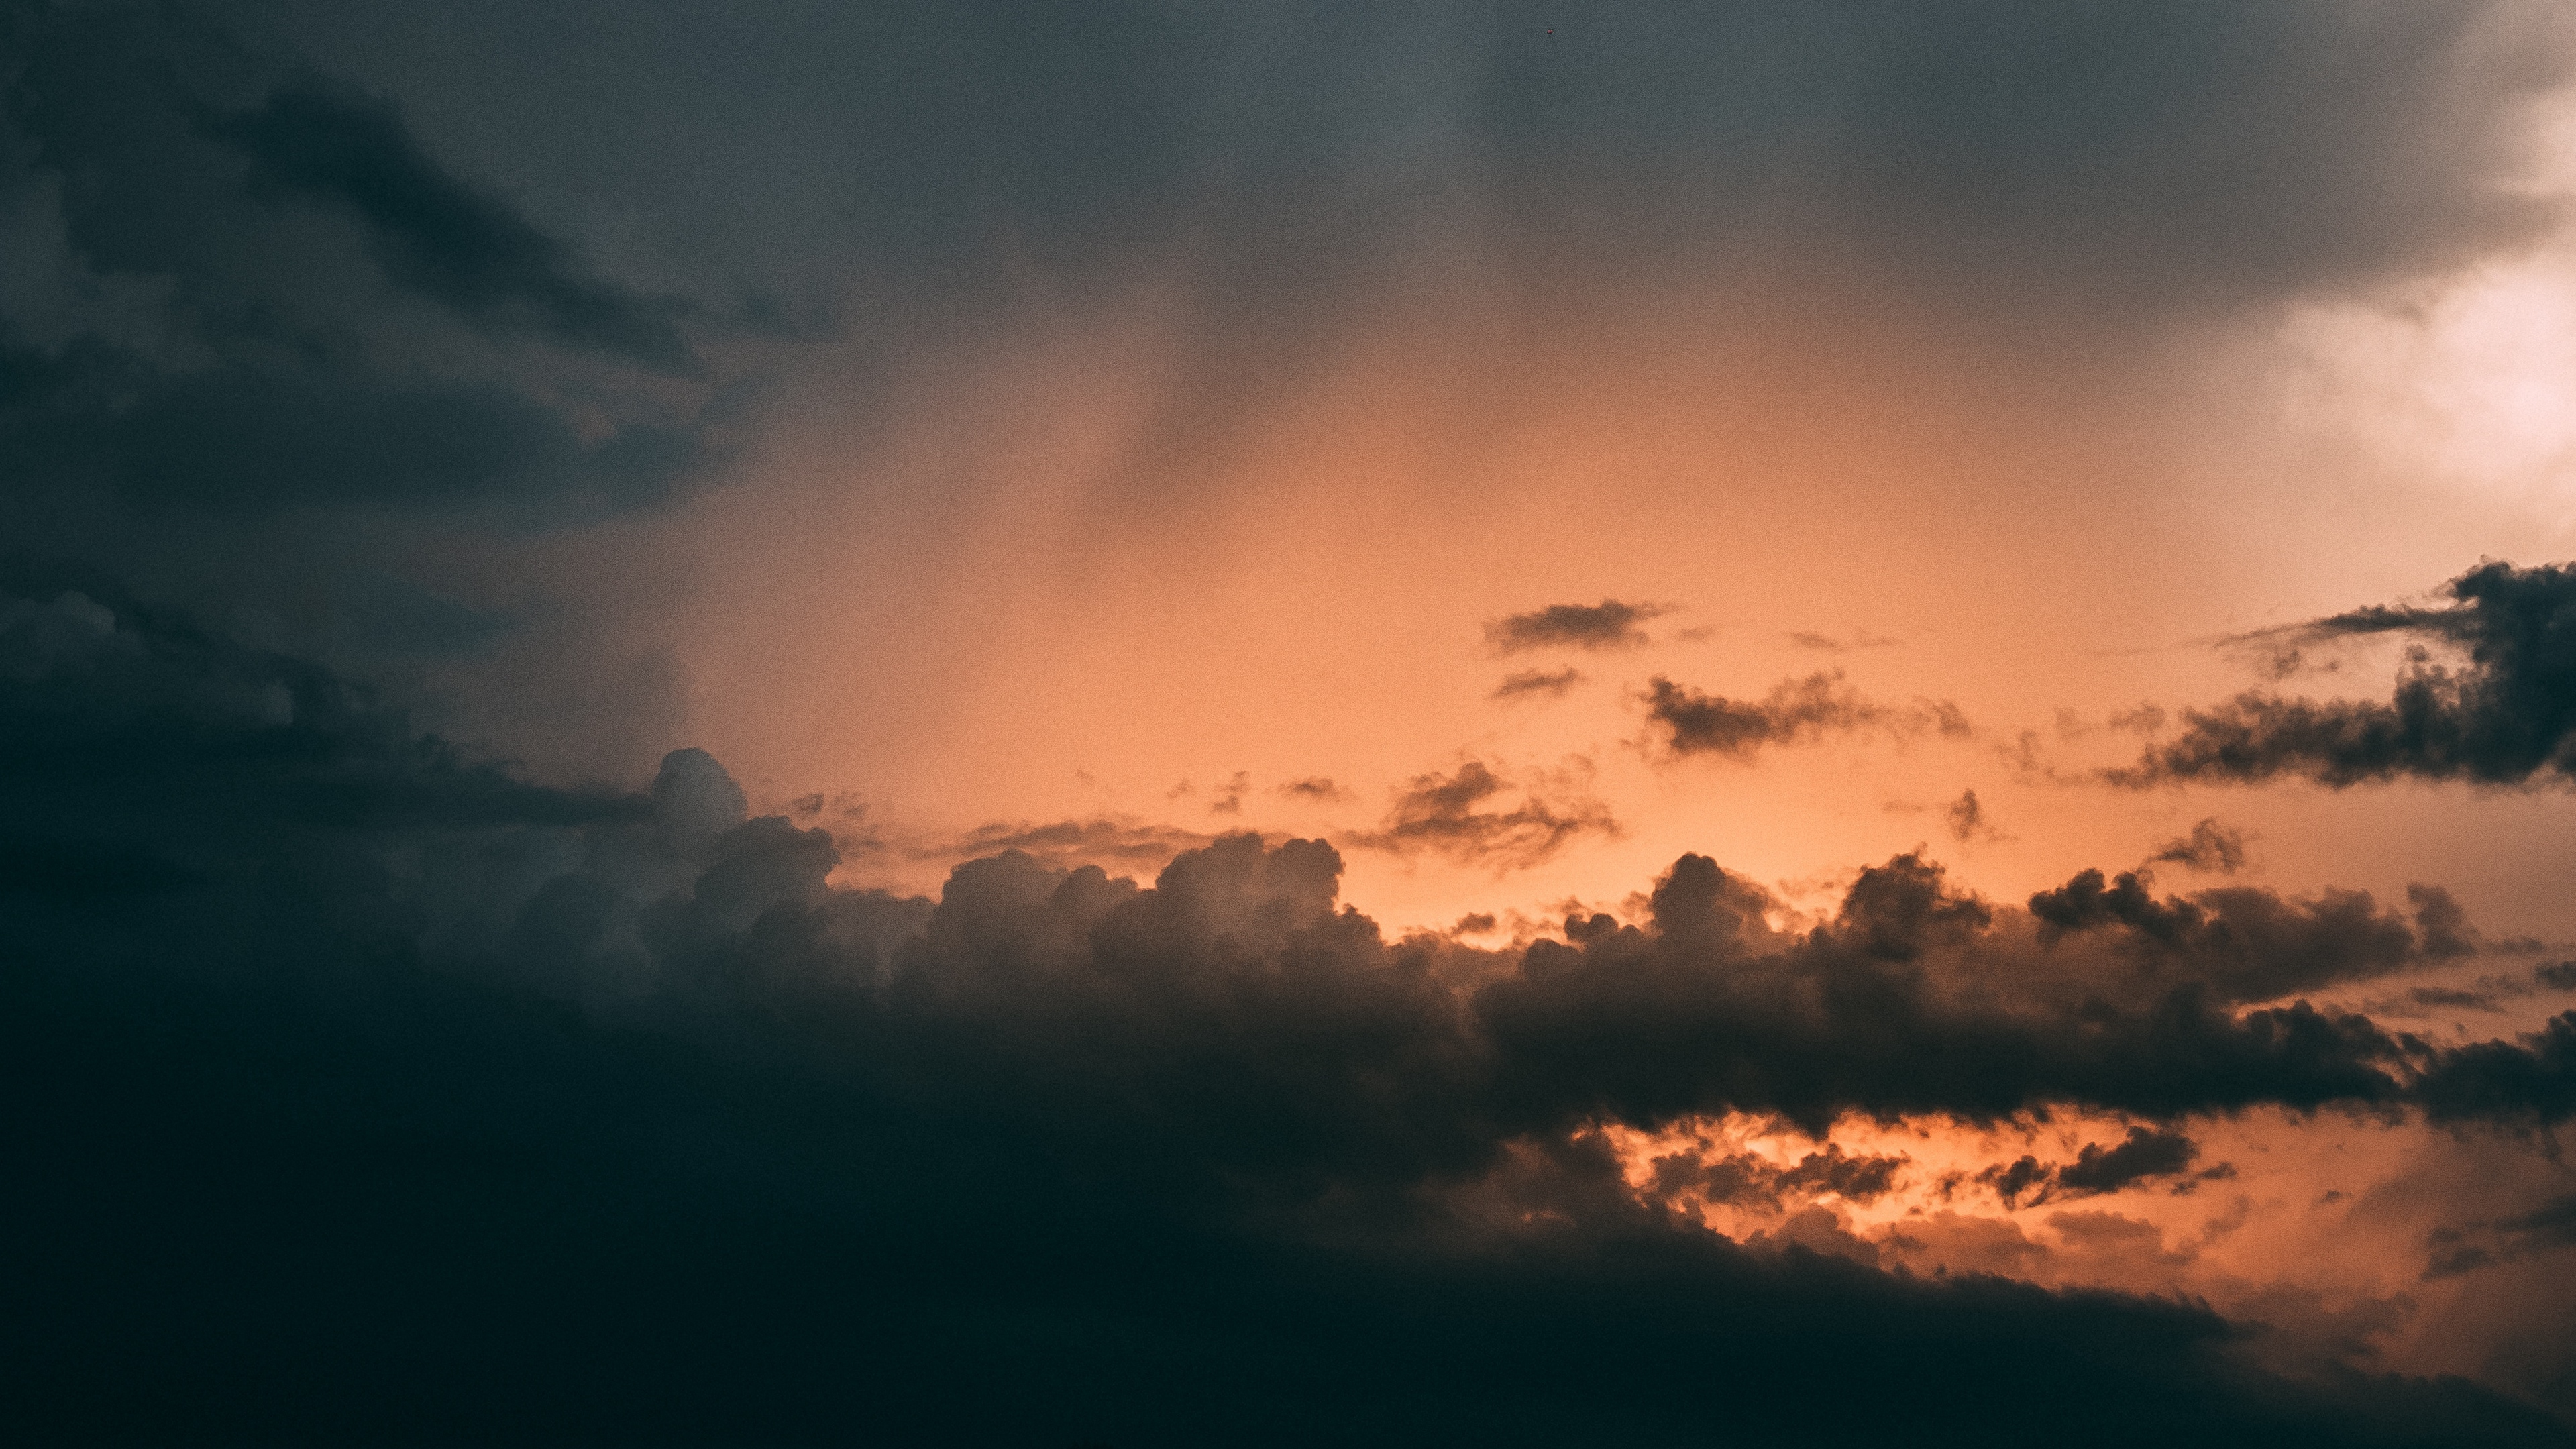 clouds cloudy sky night dark 4k 1541117275 - clouds, cloudy, sky, night, dark 4k - Sky, Cloudy, Clouds